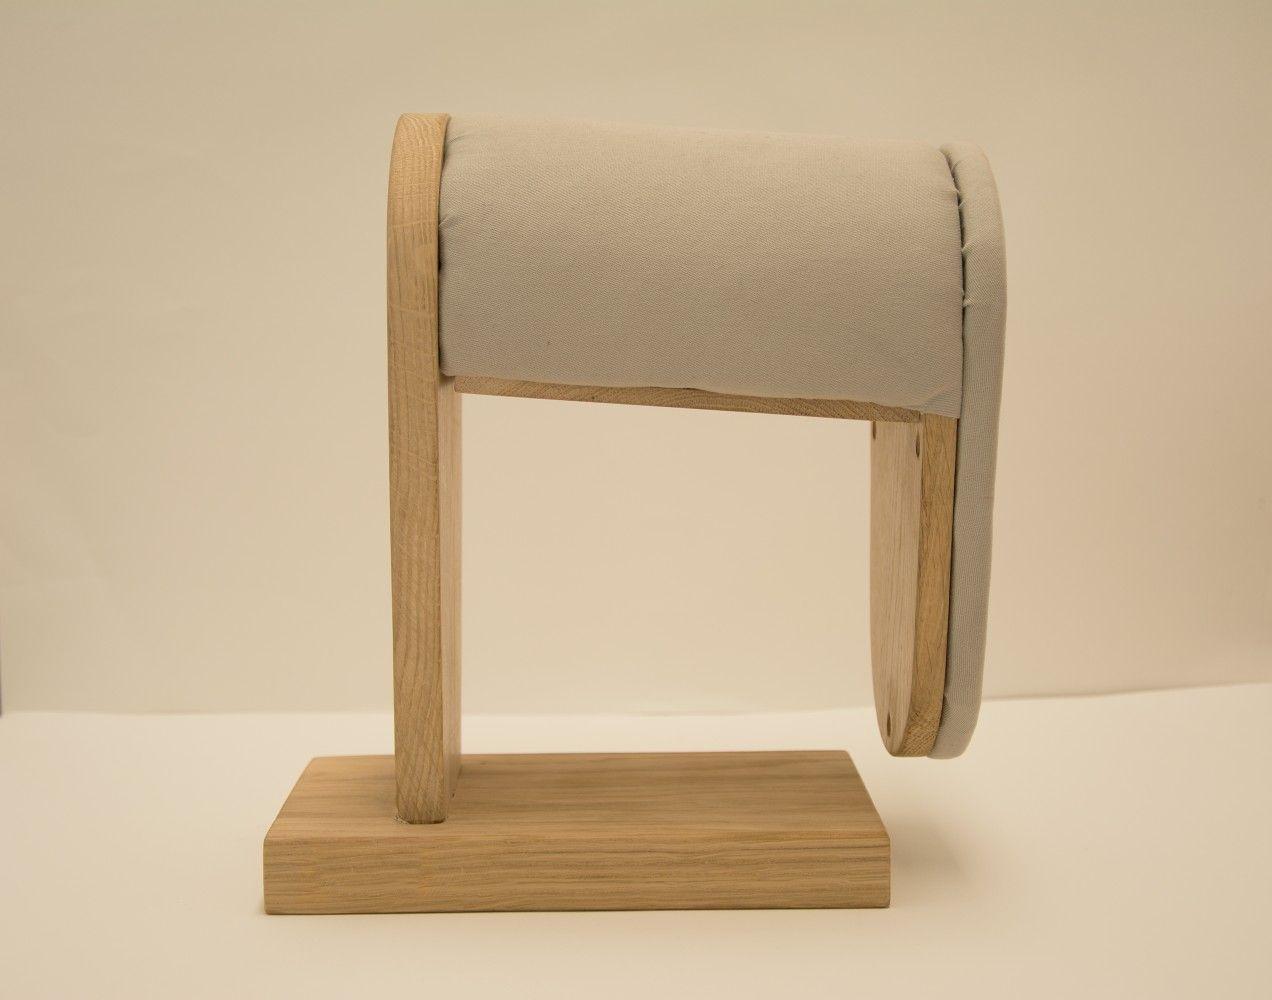 Ärmelbock Bügelbock doppelseitig für Ärmel und Hosen